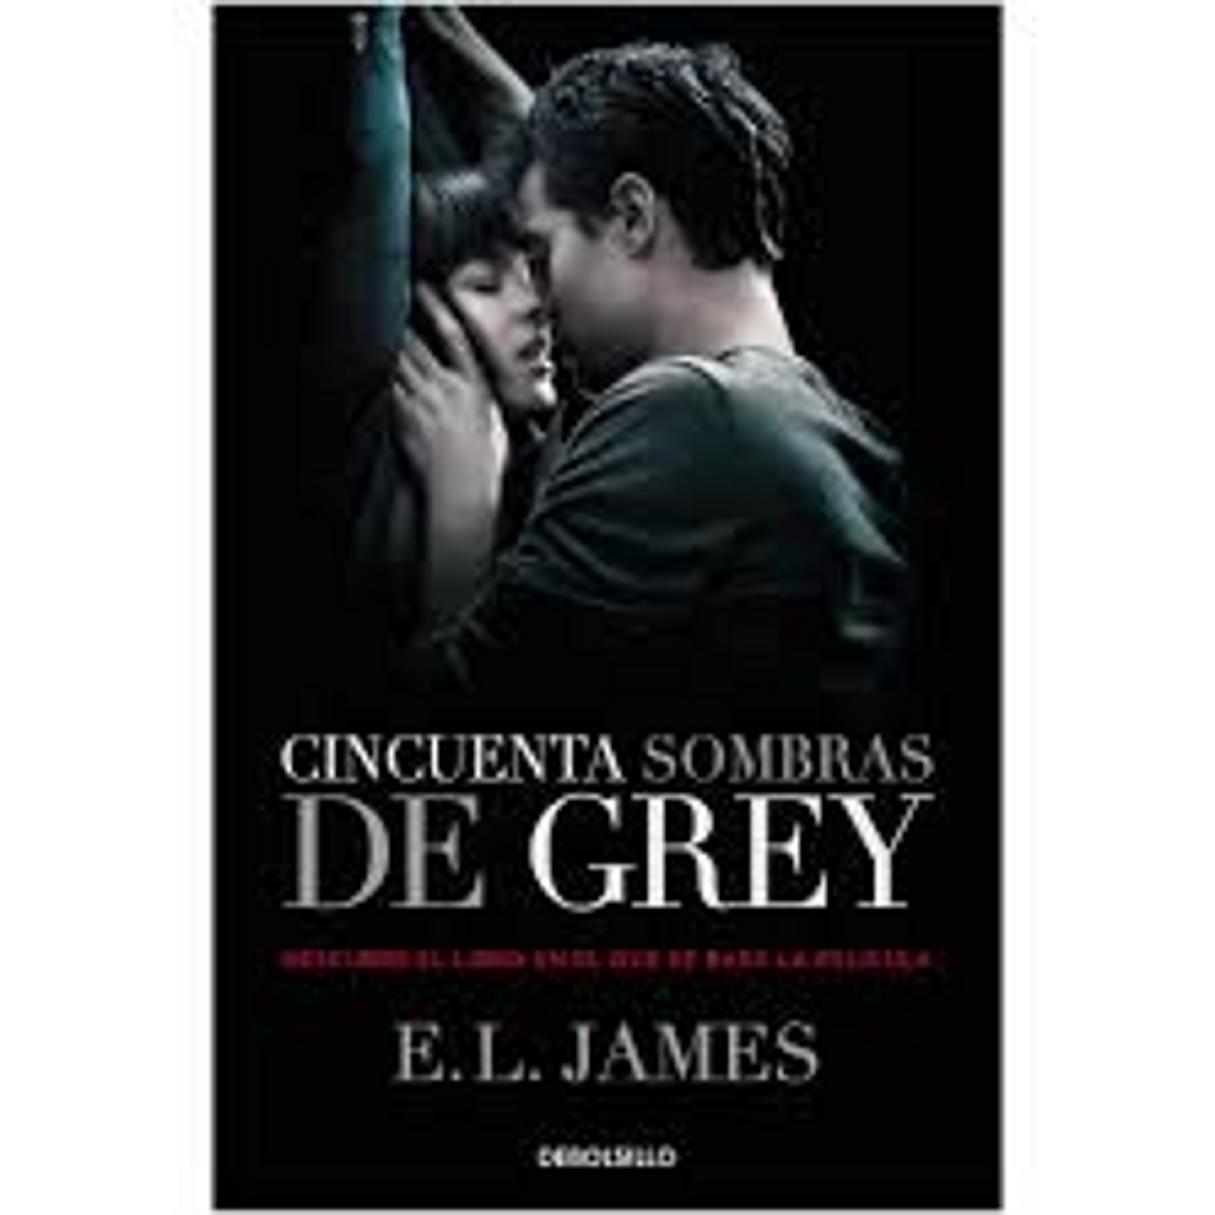 CINCUENTA SOMBRAS DE GREY - Film